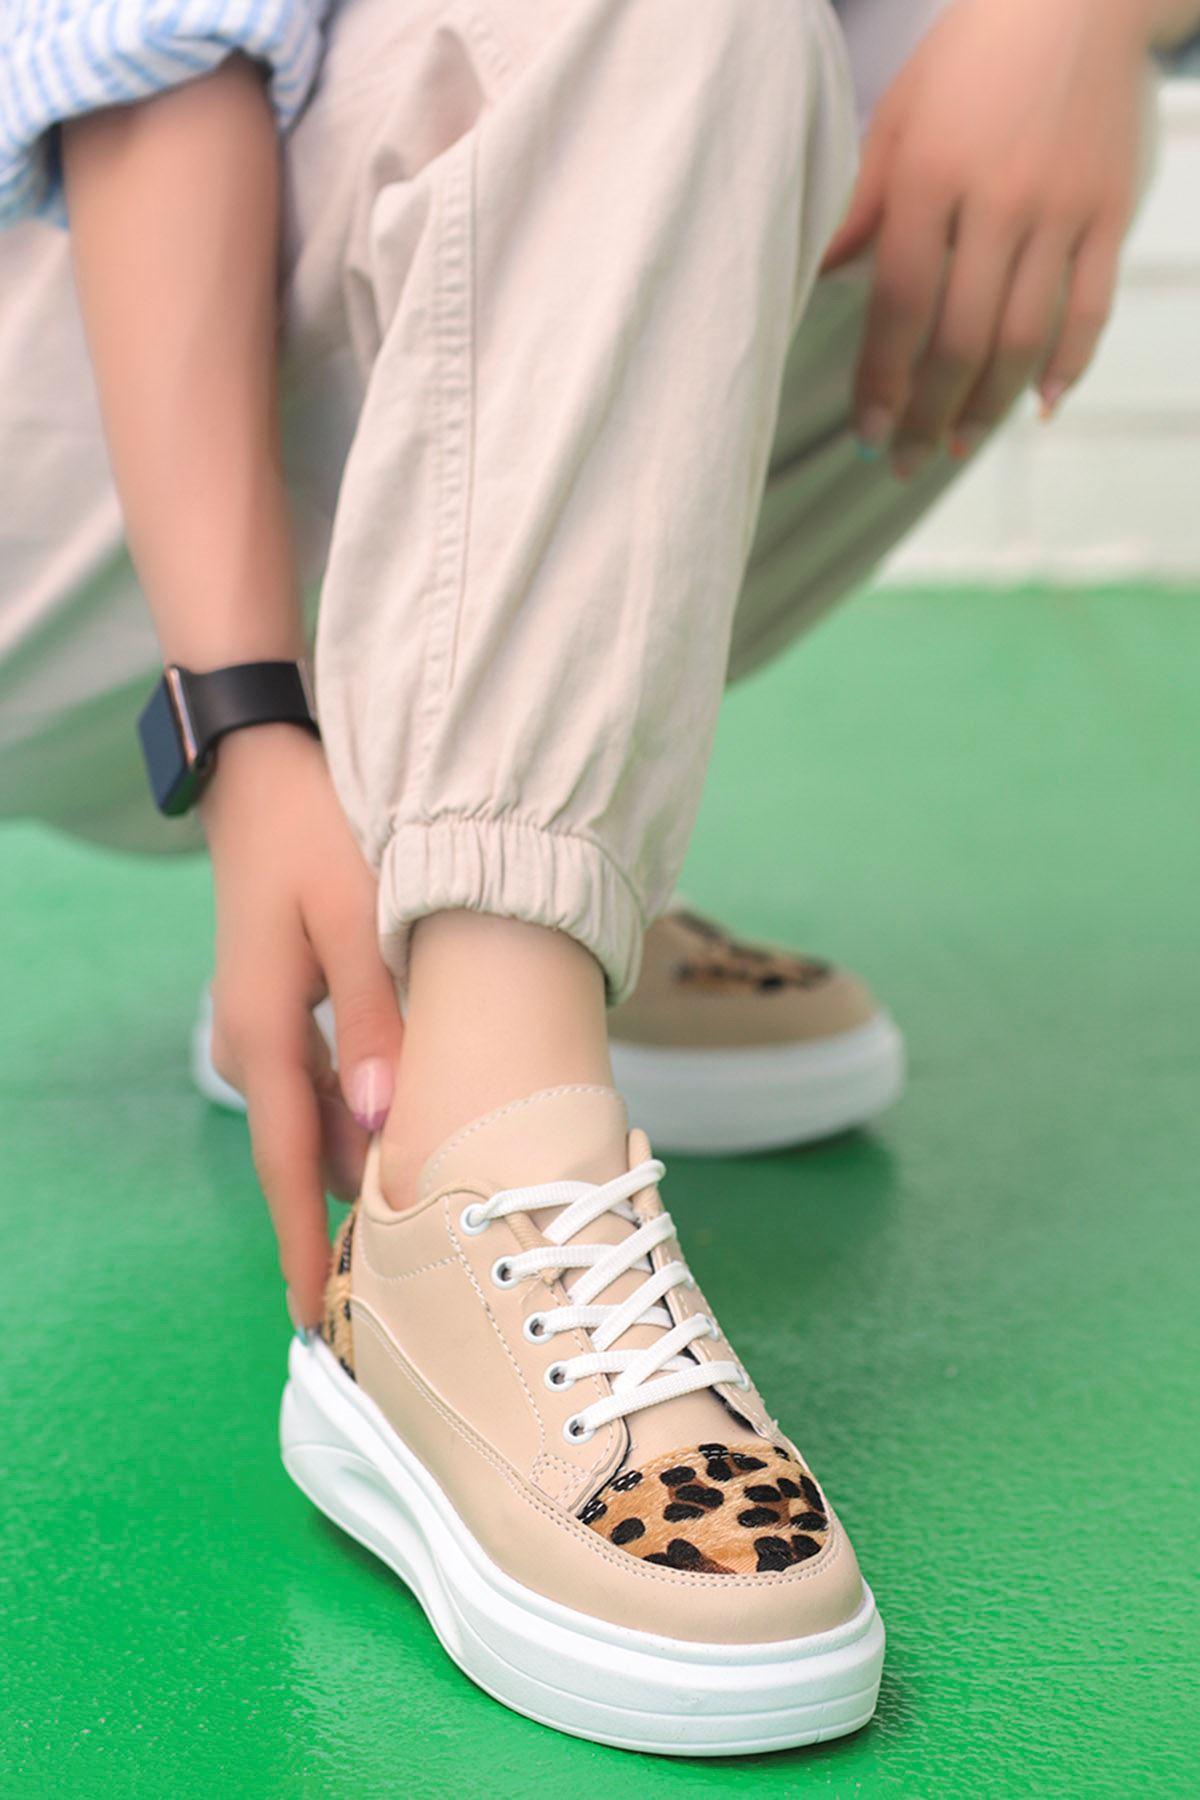 Clara Tabanlı Spor Ayakkabı Krem Leopar Desen Detay